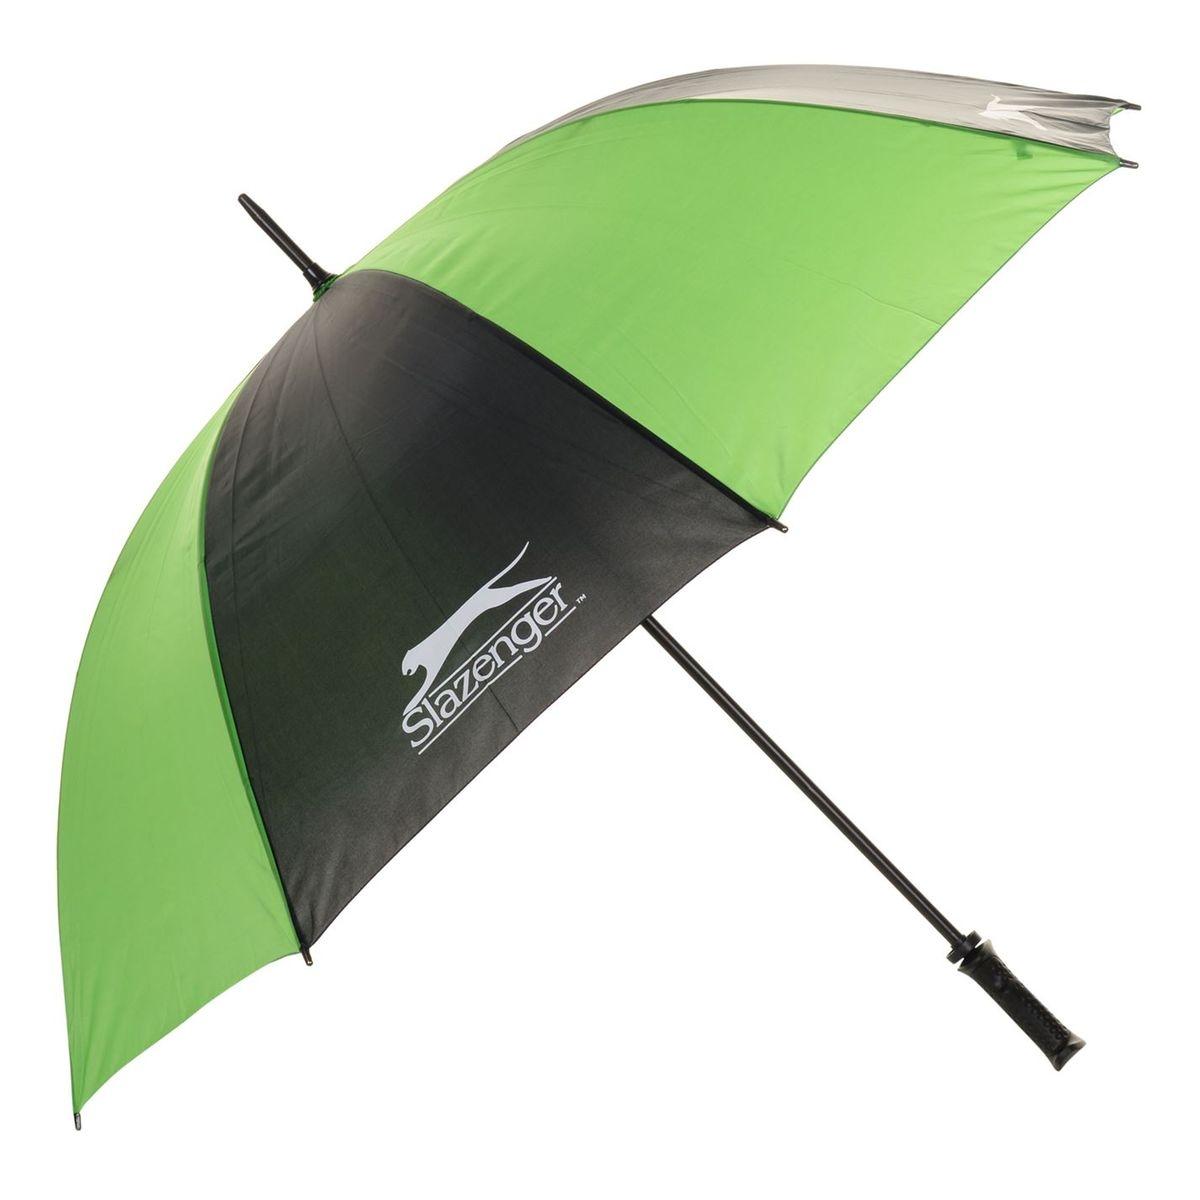 Parapluie poignée de forme ergonomique